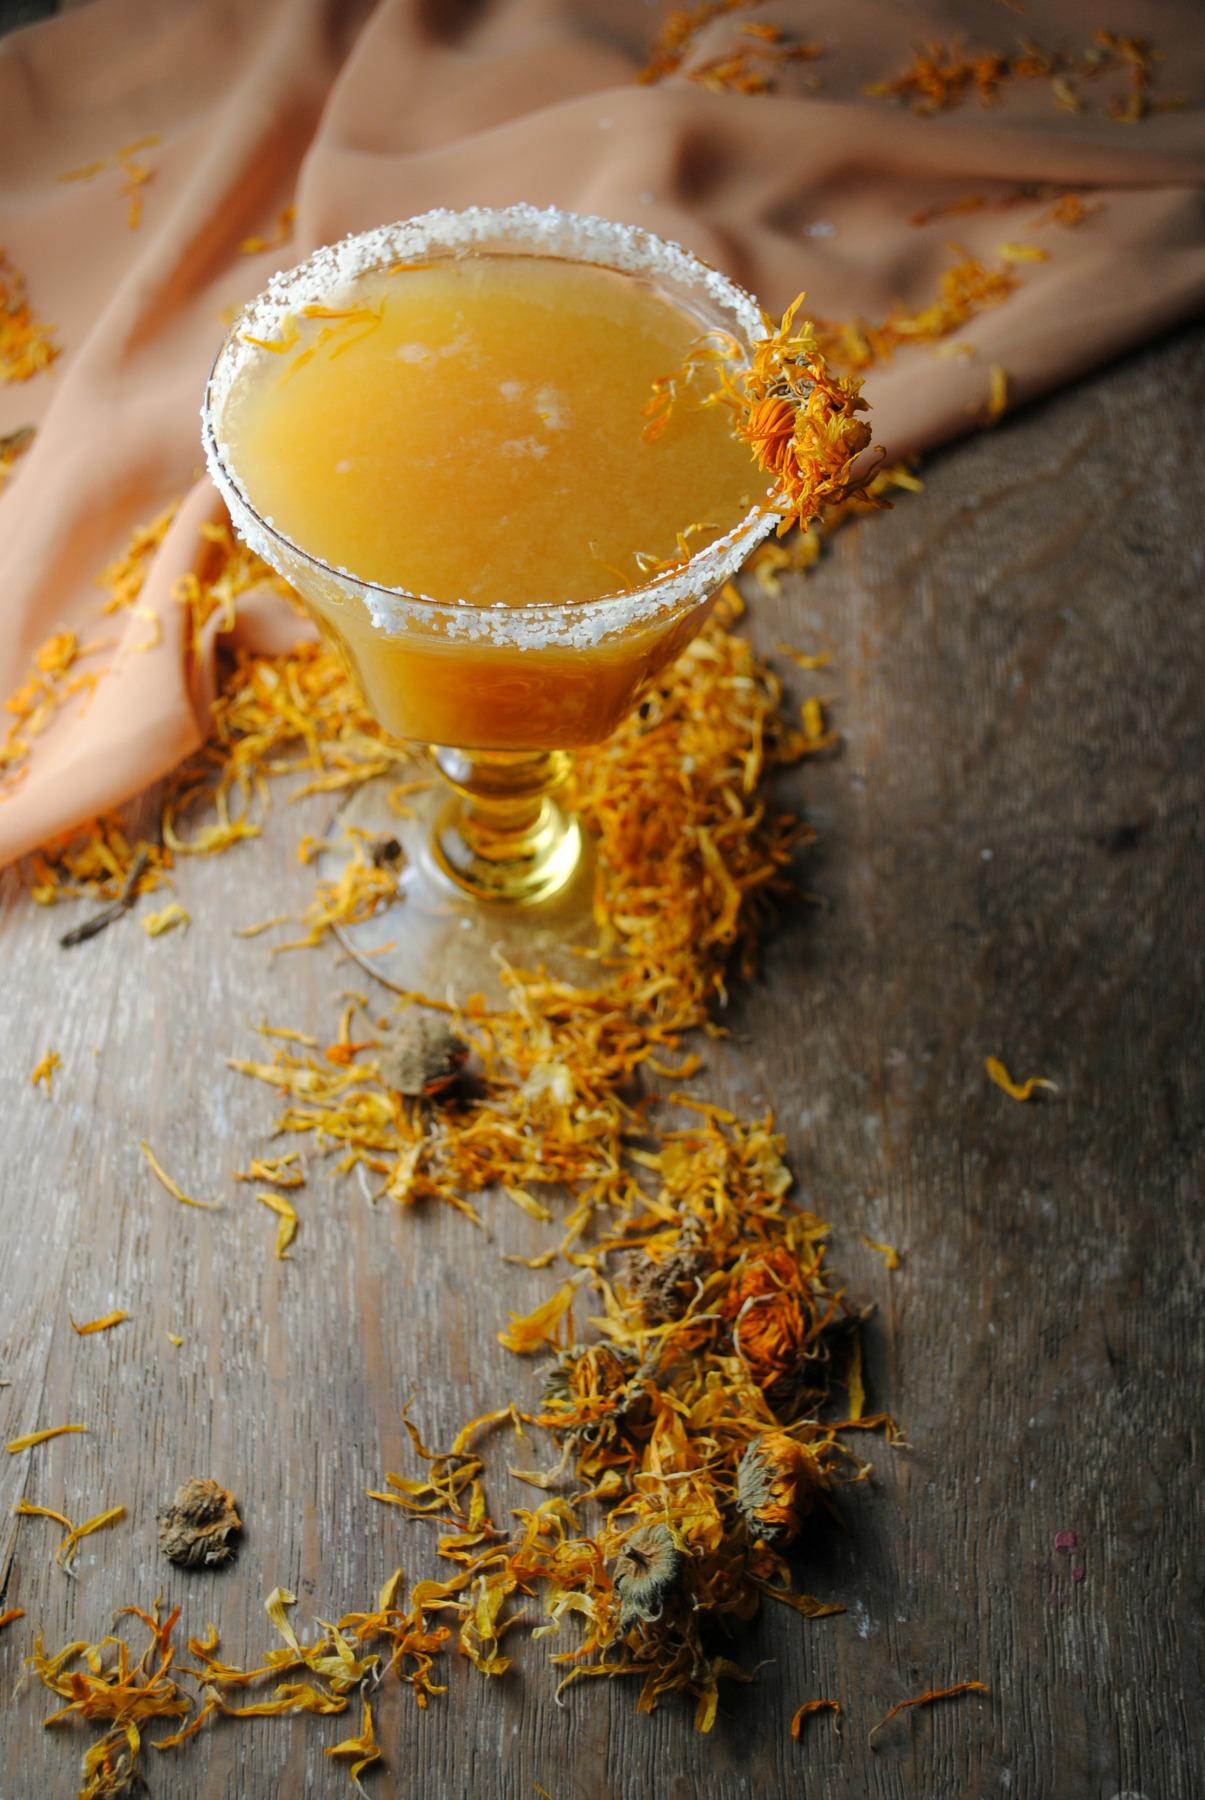 dia-de-los-muertos-marigold-margarita-VianneyRodriguez